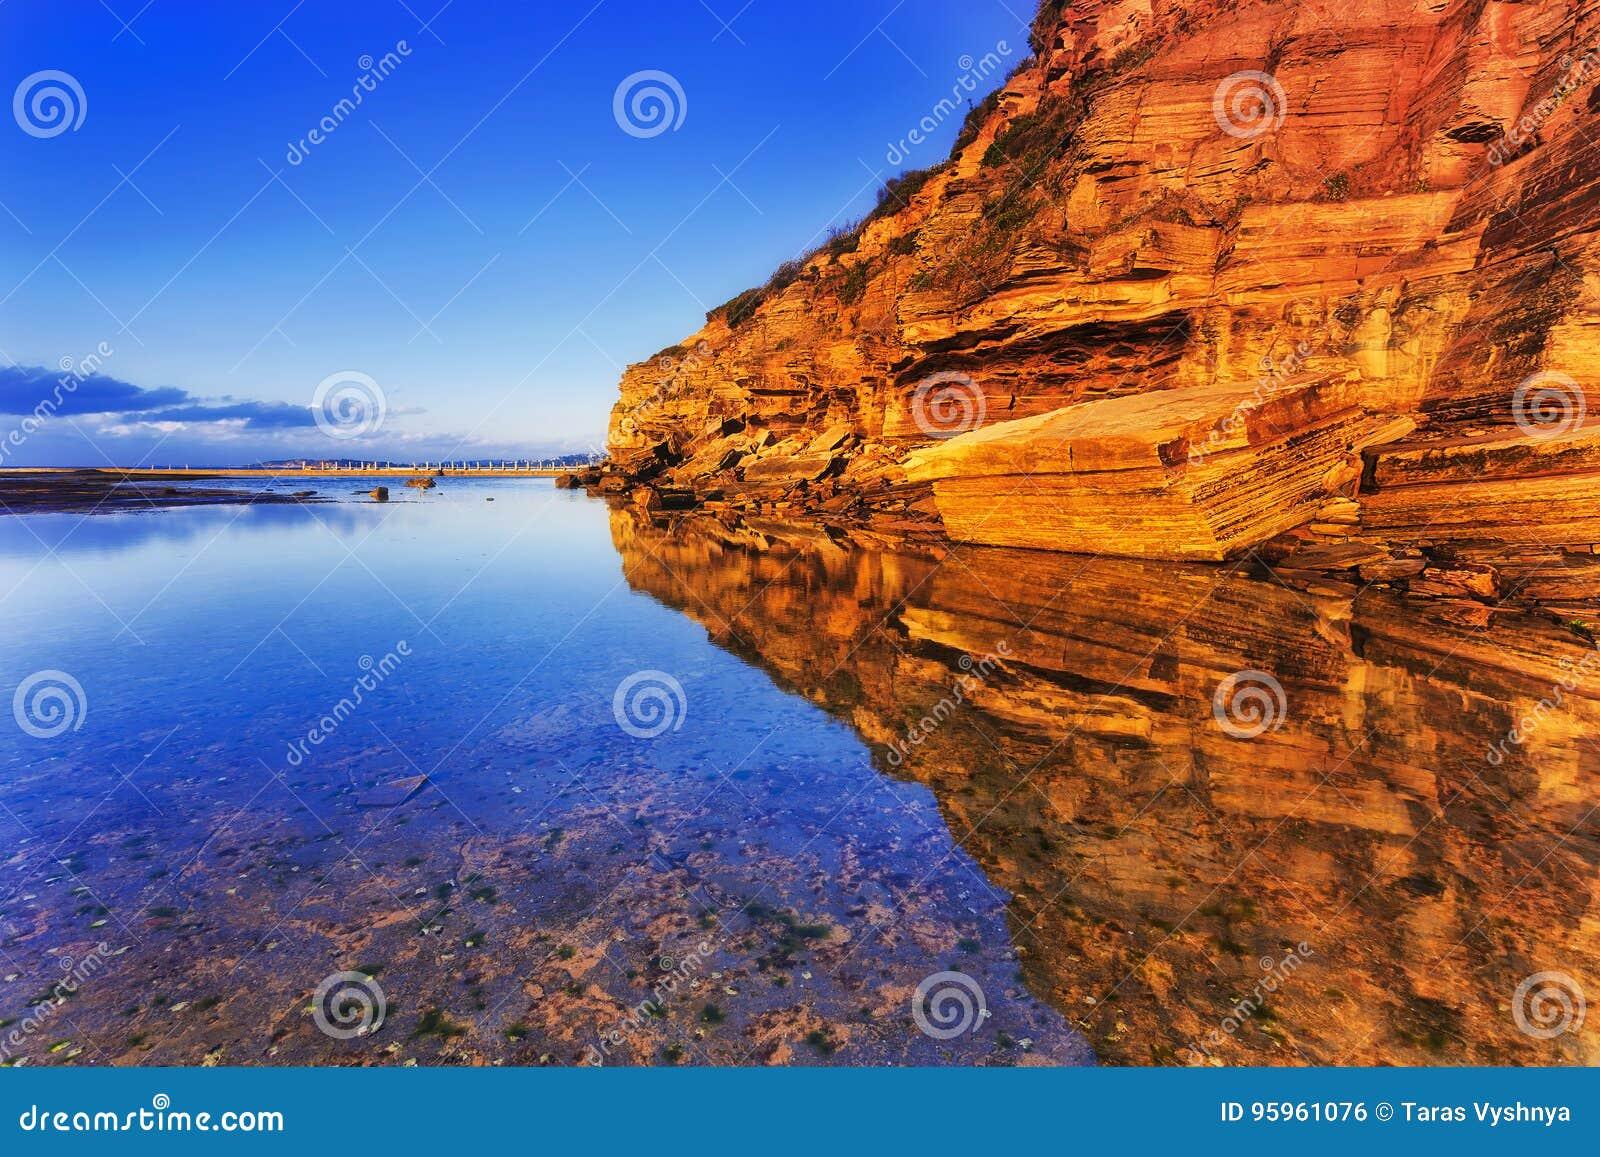 Meer Narrab Cliff Reflect Still